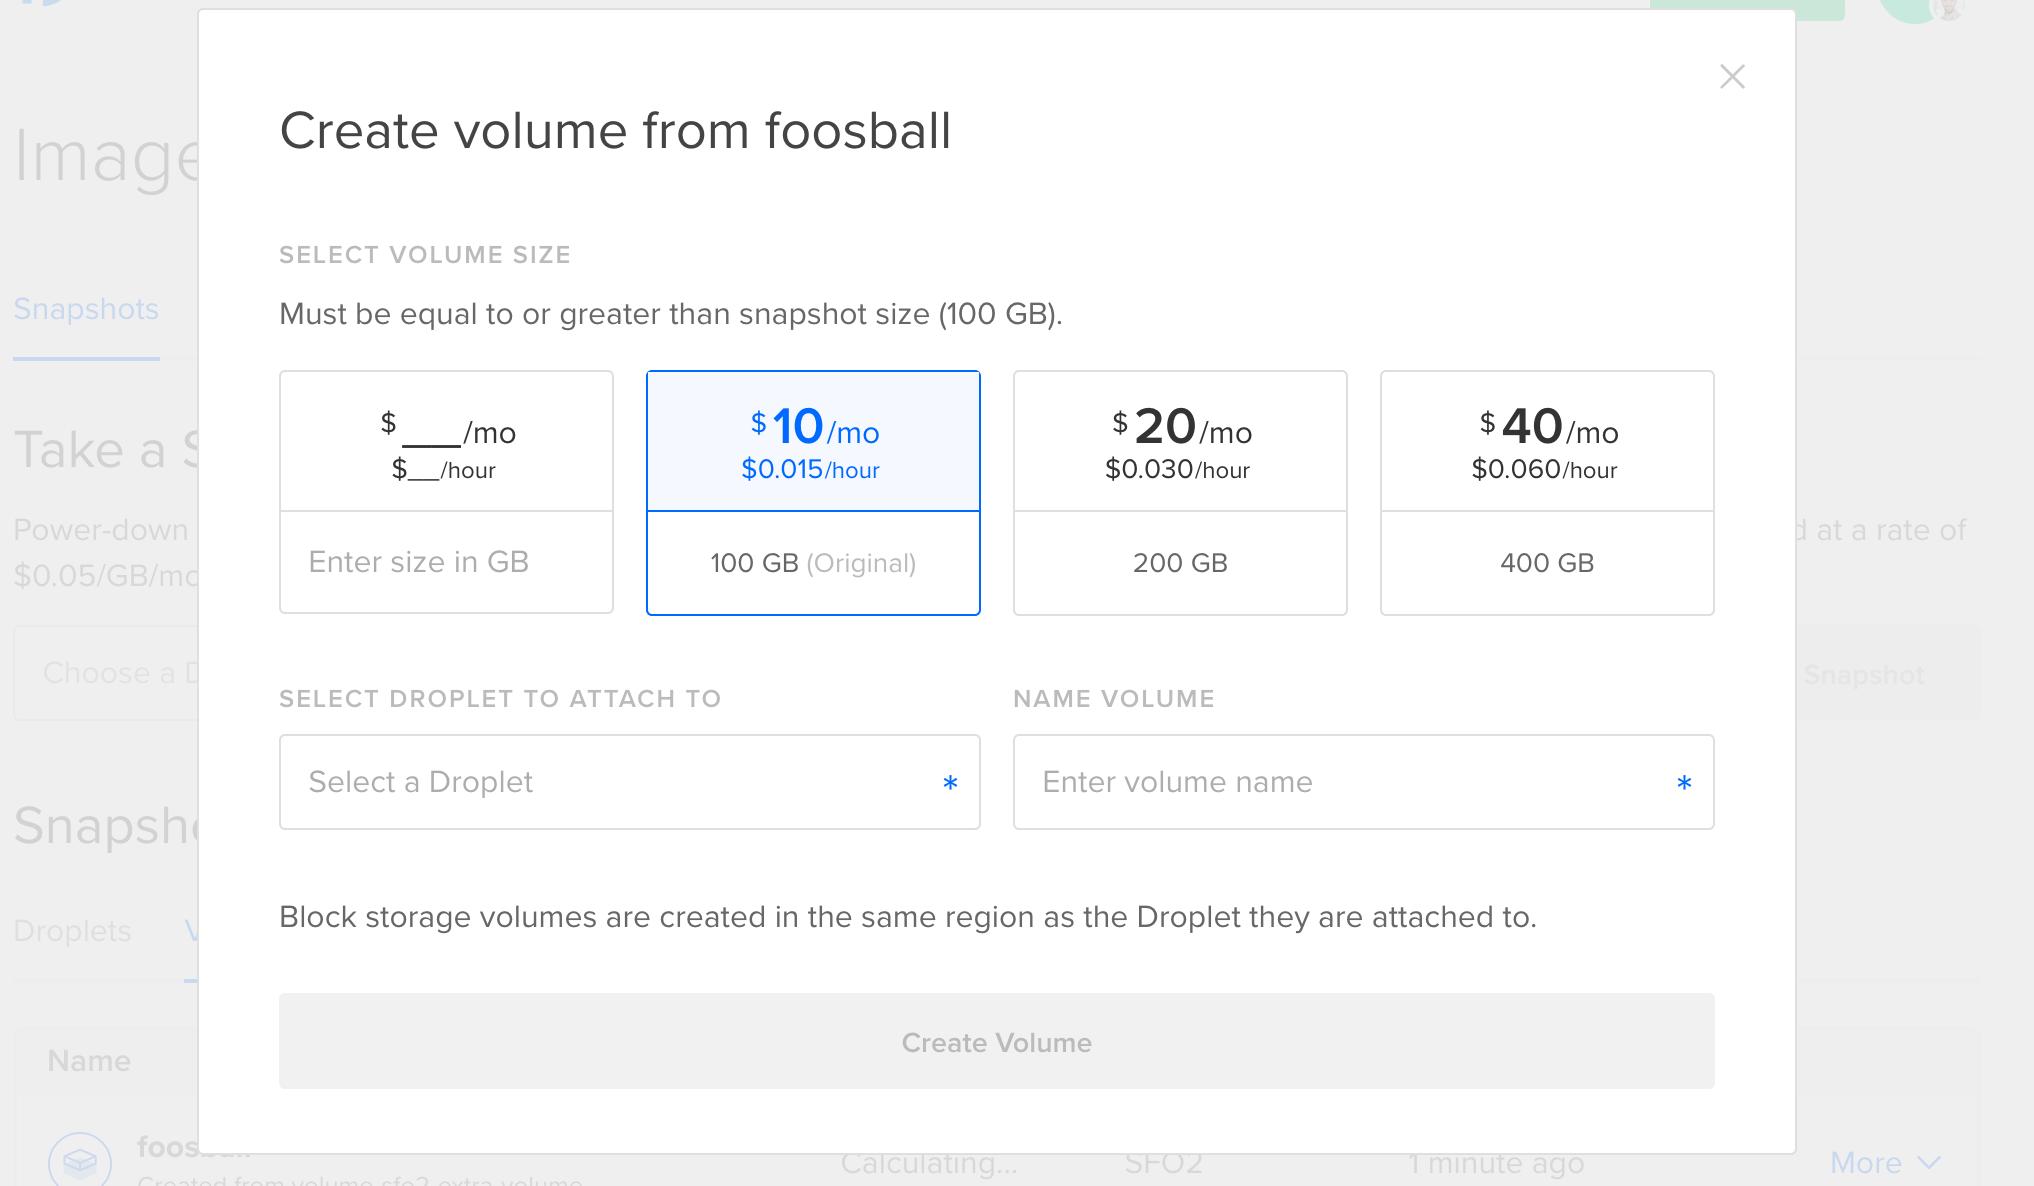 Create Volume Options